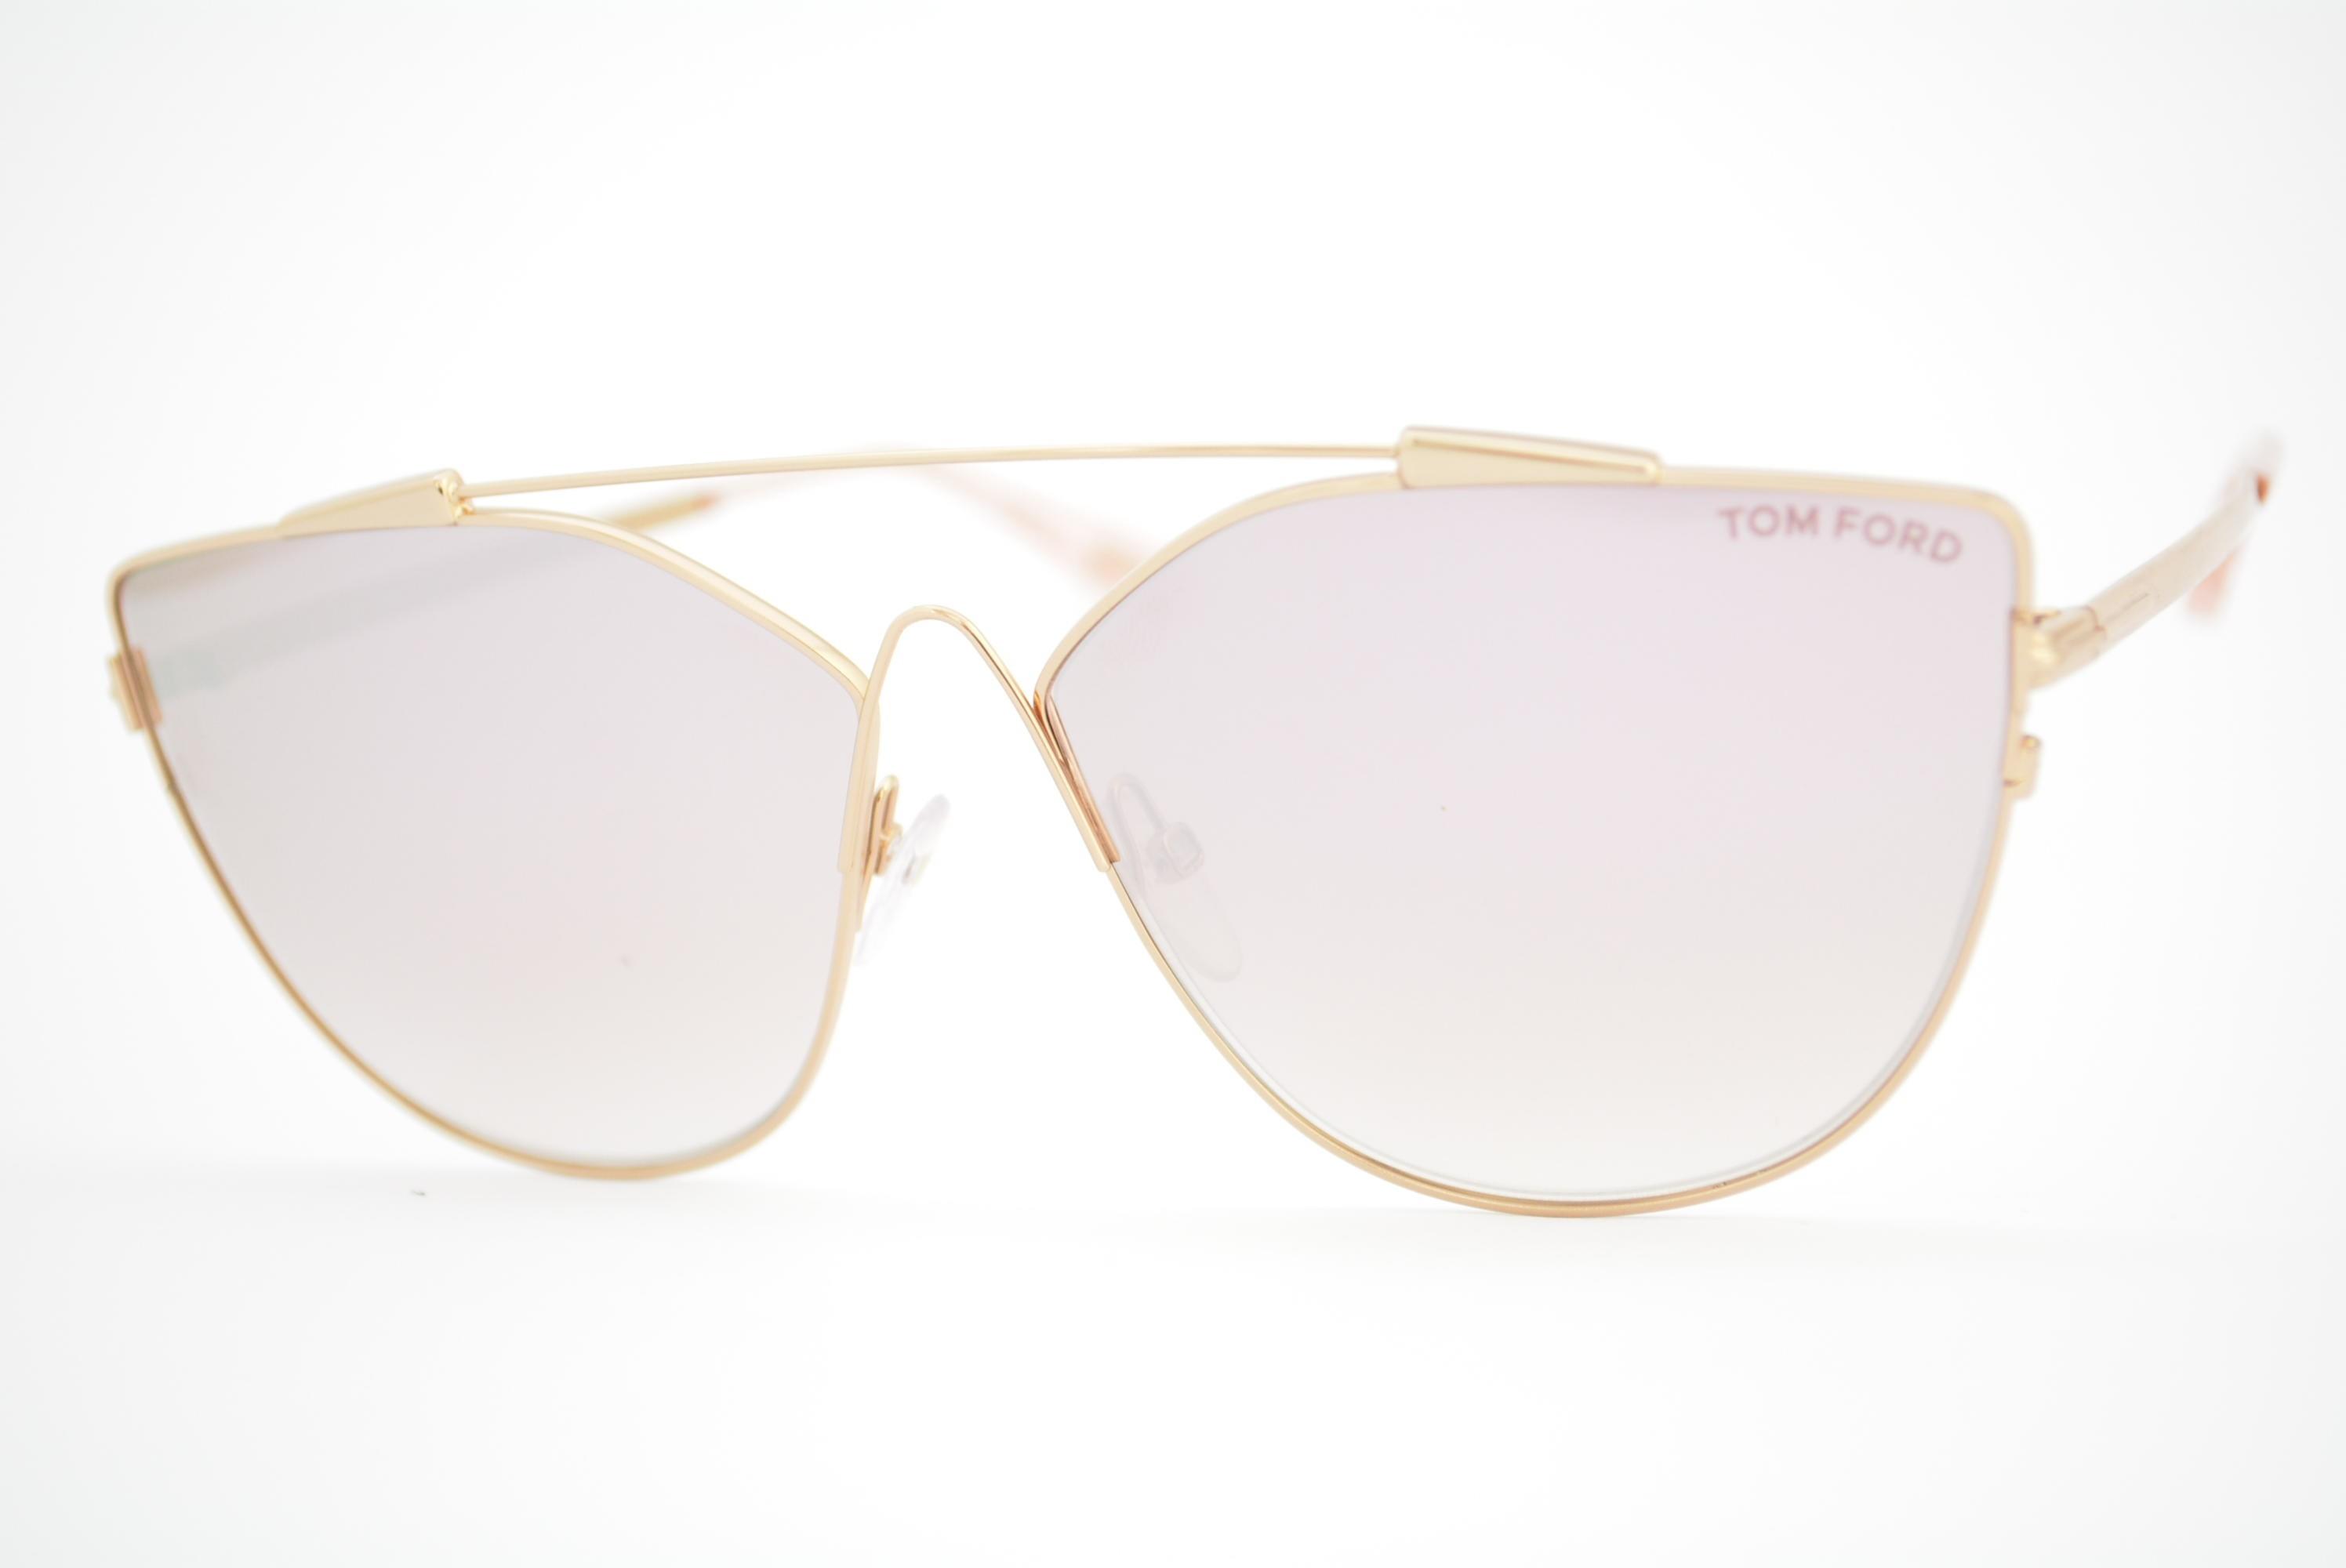 óculos de sol Tom Ford mod Jacquelyn 02 TF563 33z Ótica Cardoso c0c54f52c4